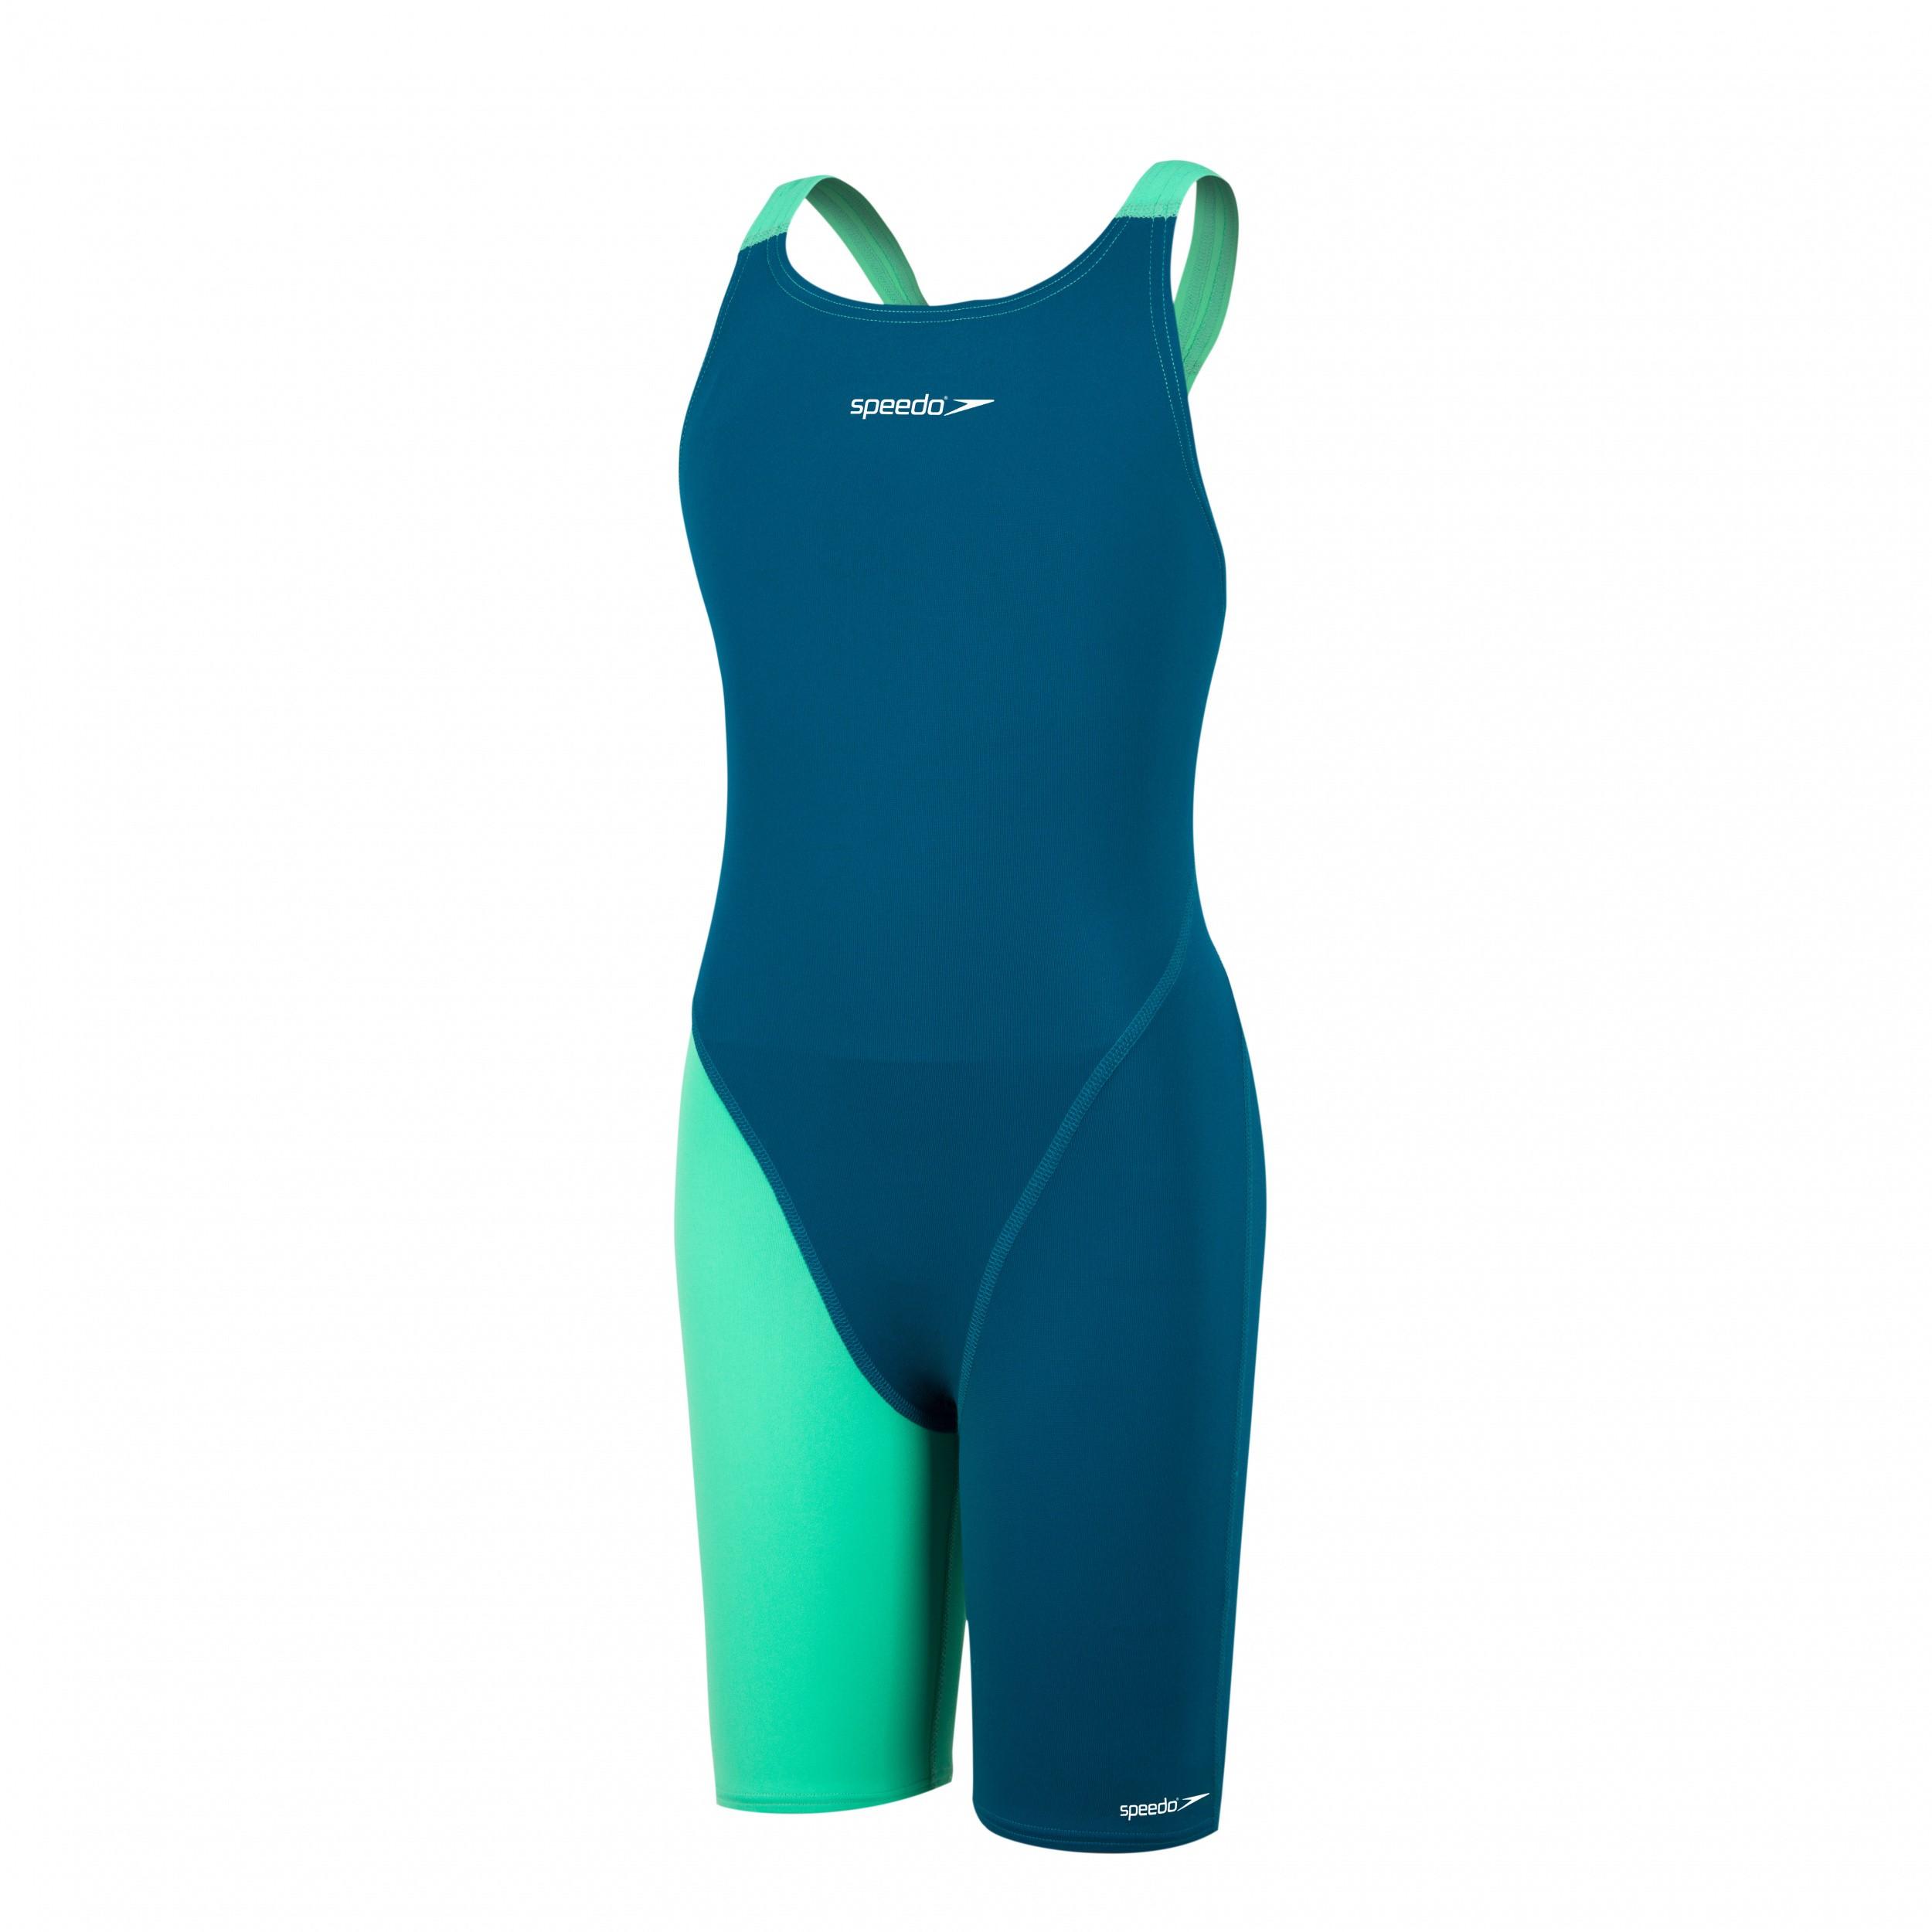 Speedo meisjes wedstrijdbadpak blue/green